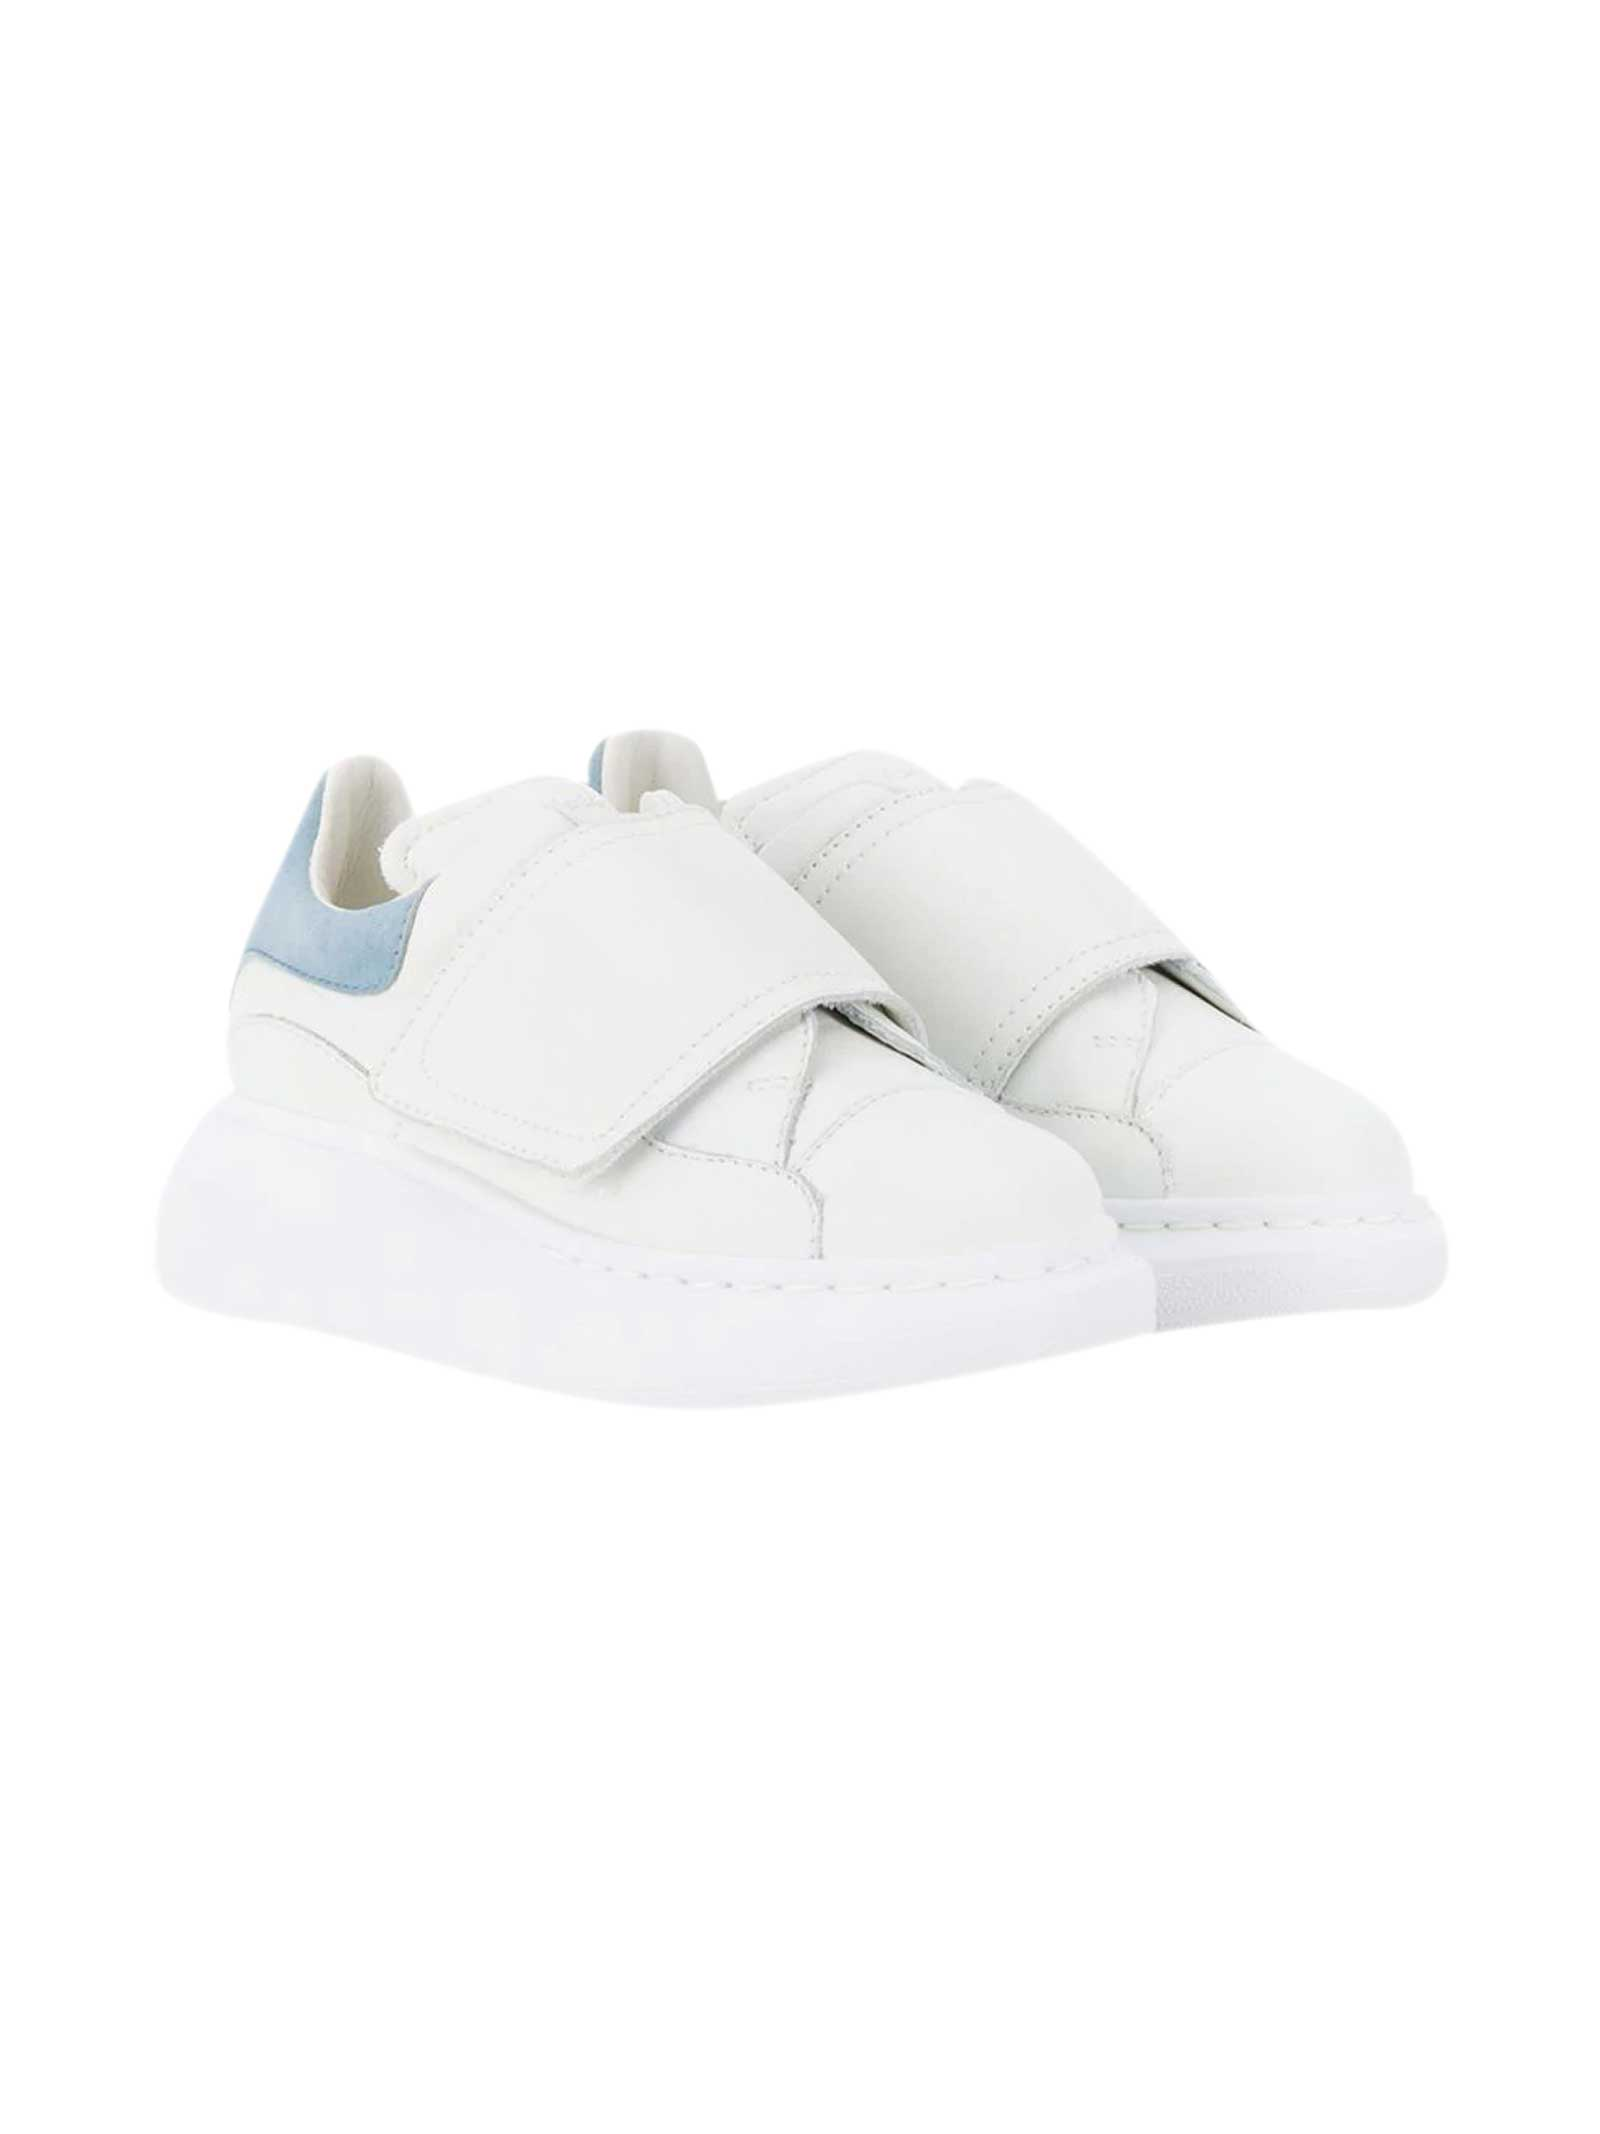 Alexander McQueen Sneakers Bianche Kids